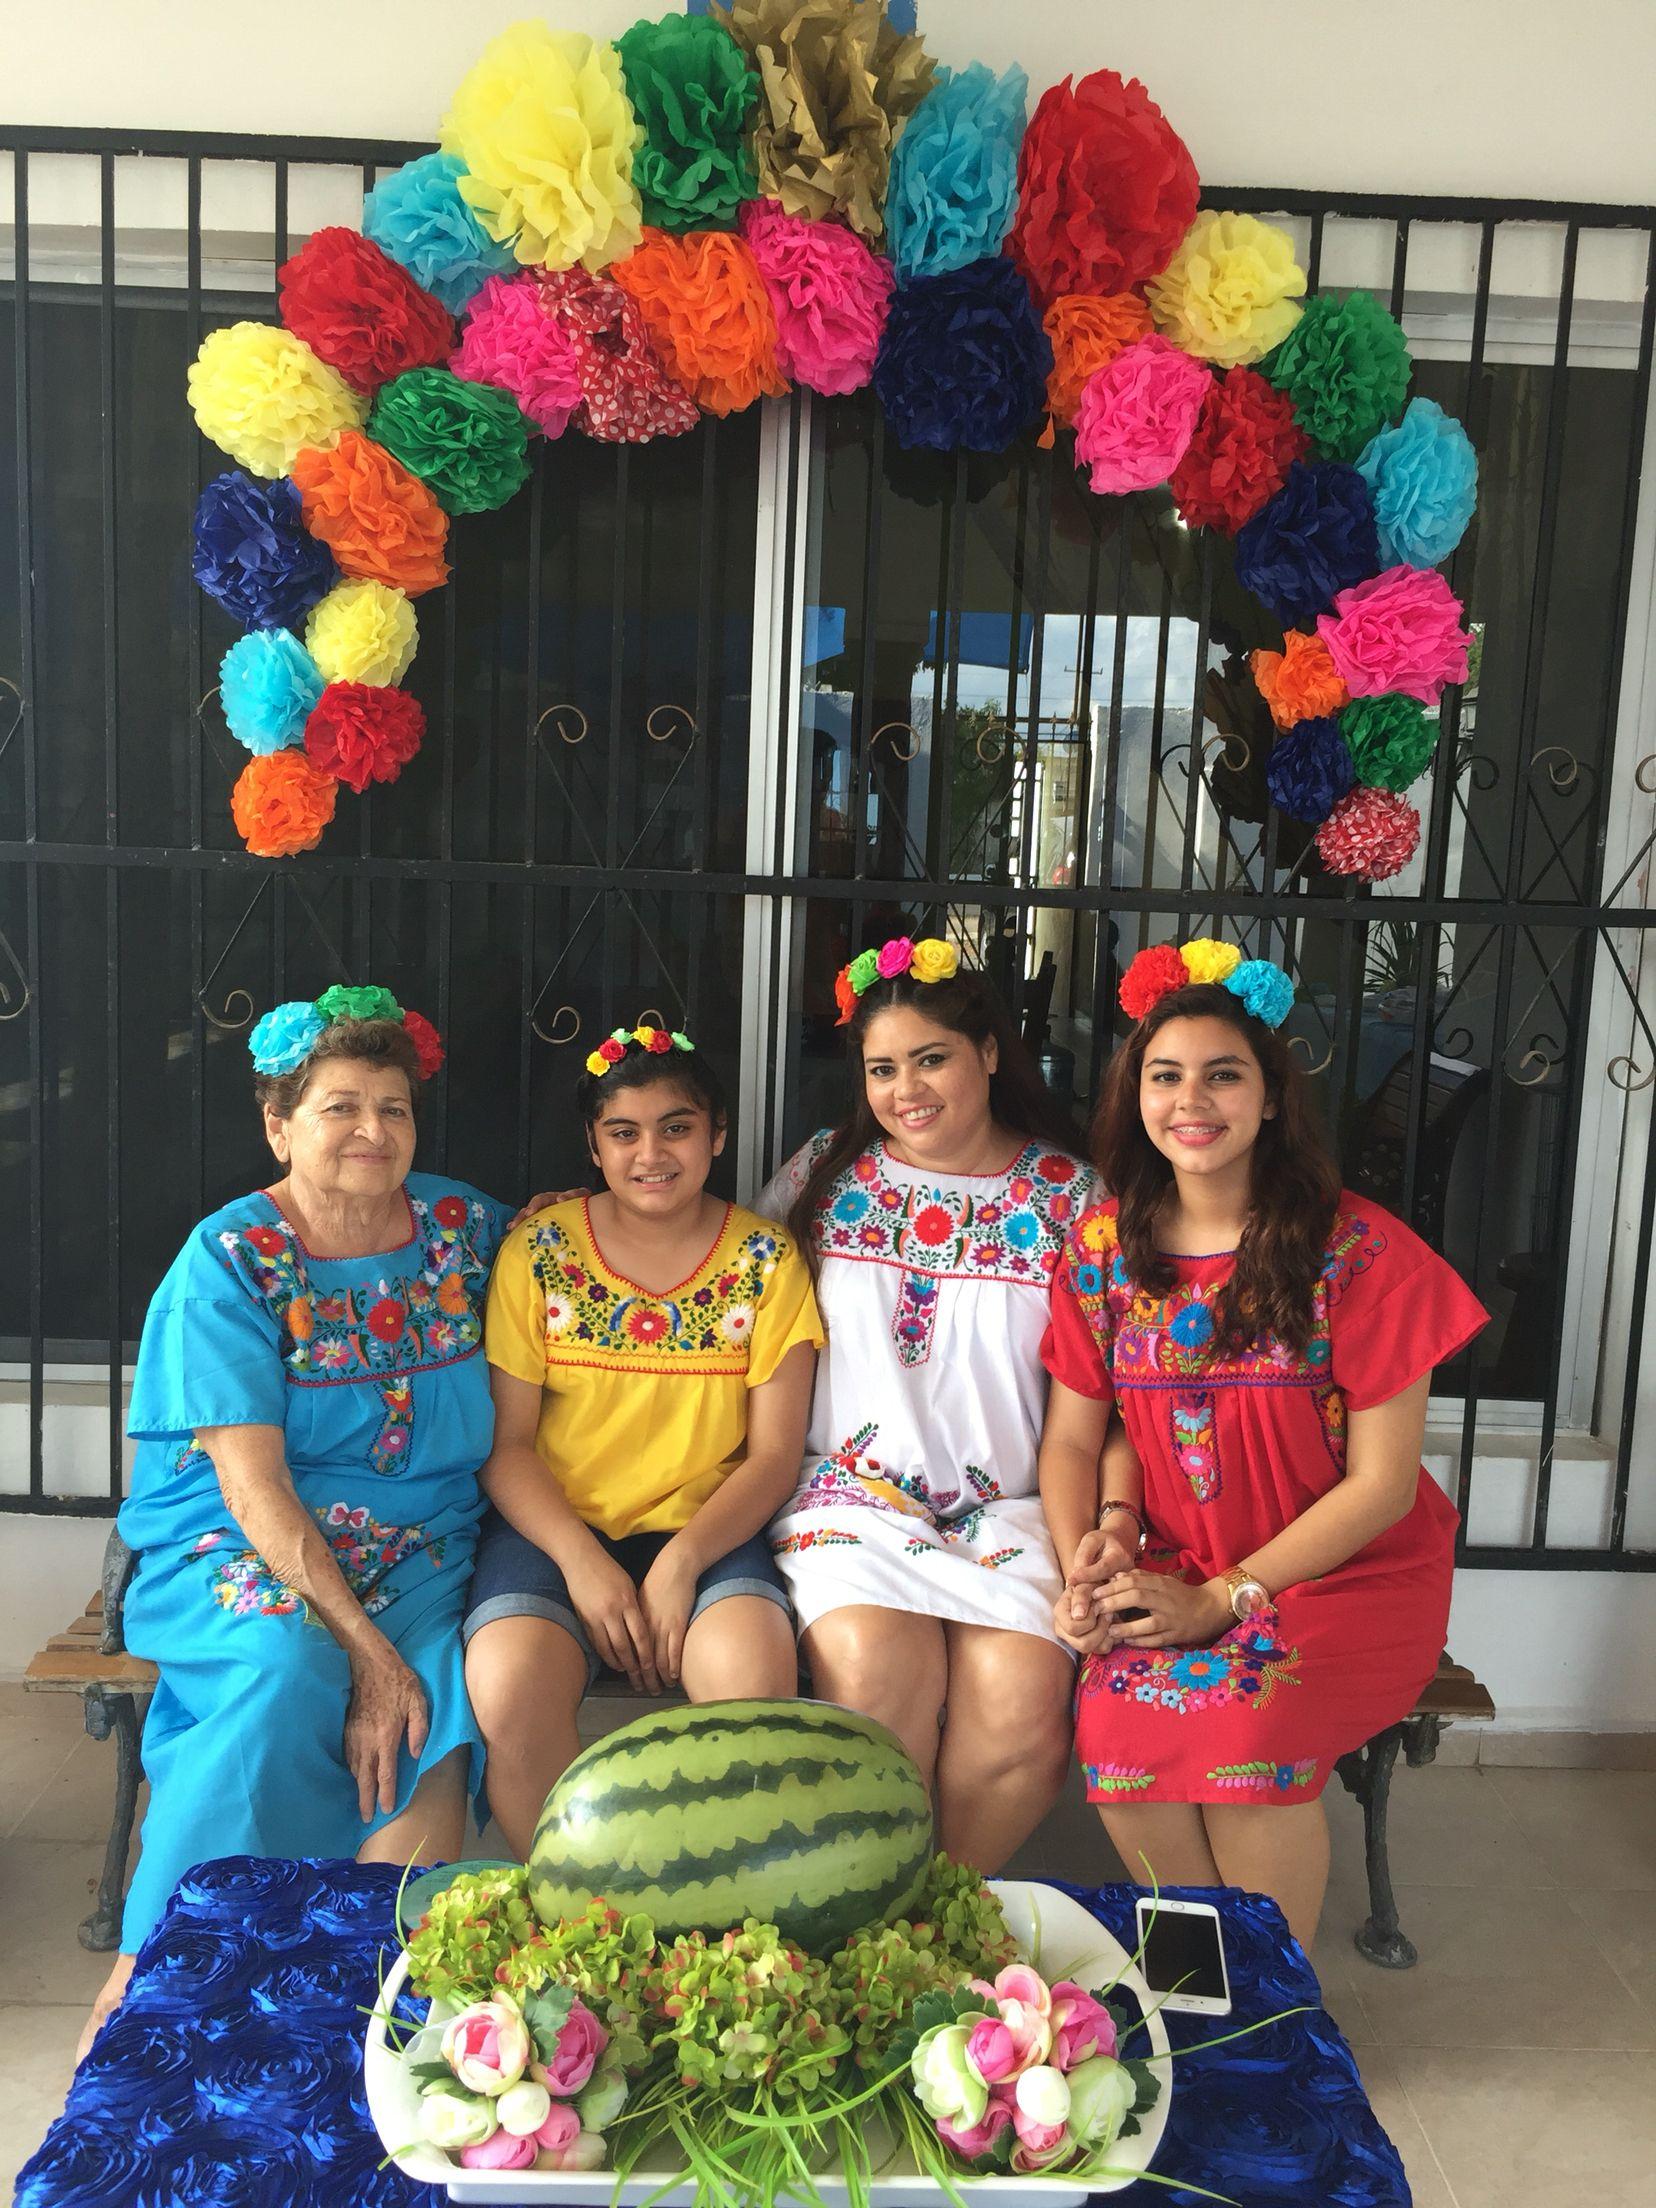 Mi fiesta estilo frida kahlo happy birthday in 2019 - Ideas decoracion fiestas ...